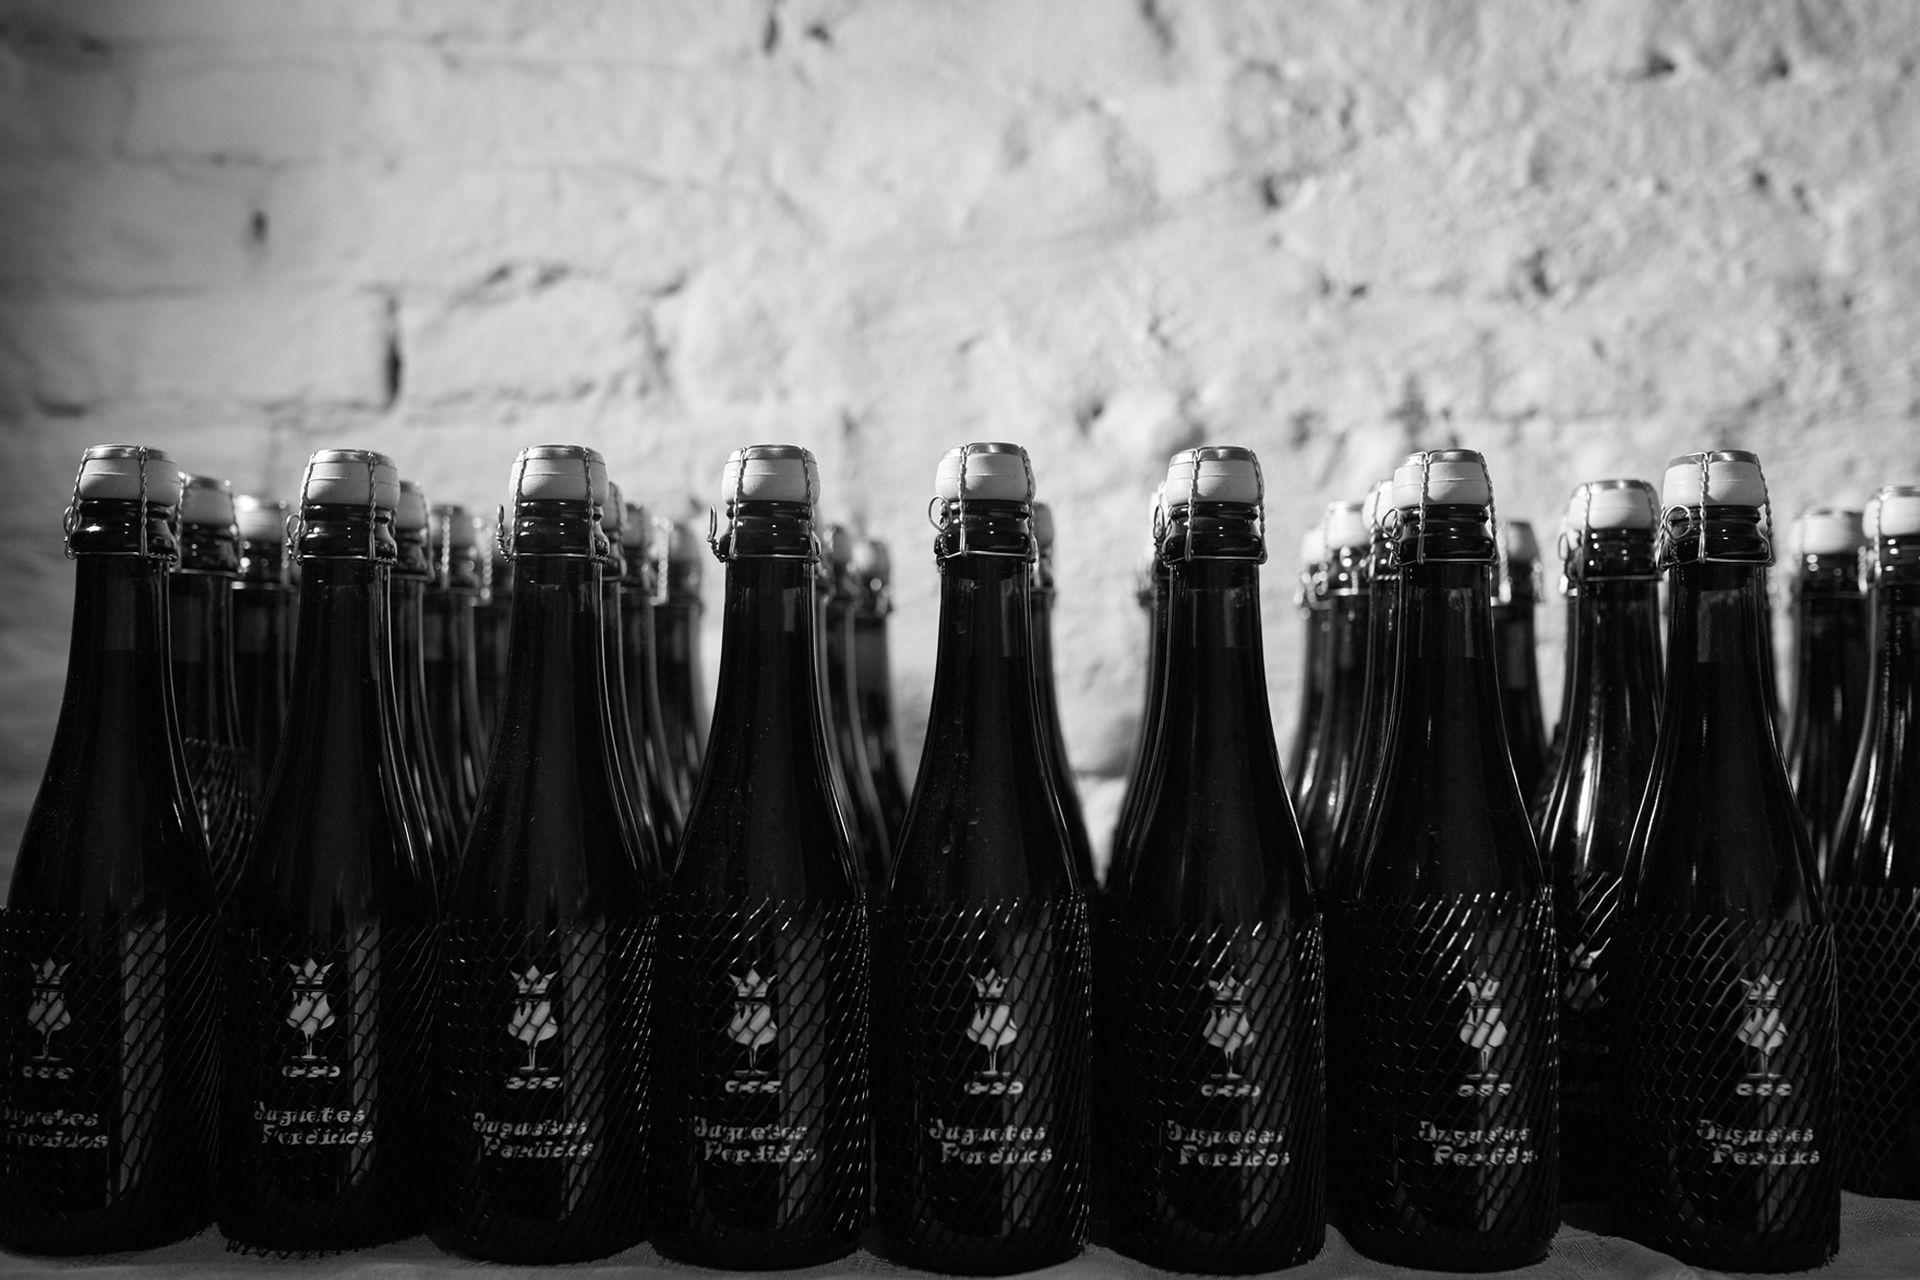 El 31 de mayo de 2015 hicieron la primera cocción de cerveza artesanal en su fábrica, hoy han hecho más de 70 variedades, que venden en botellas de champagne, con bozal y corcho